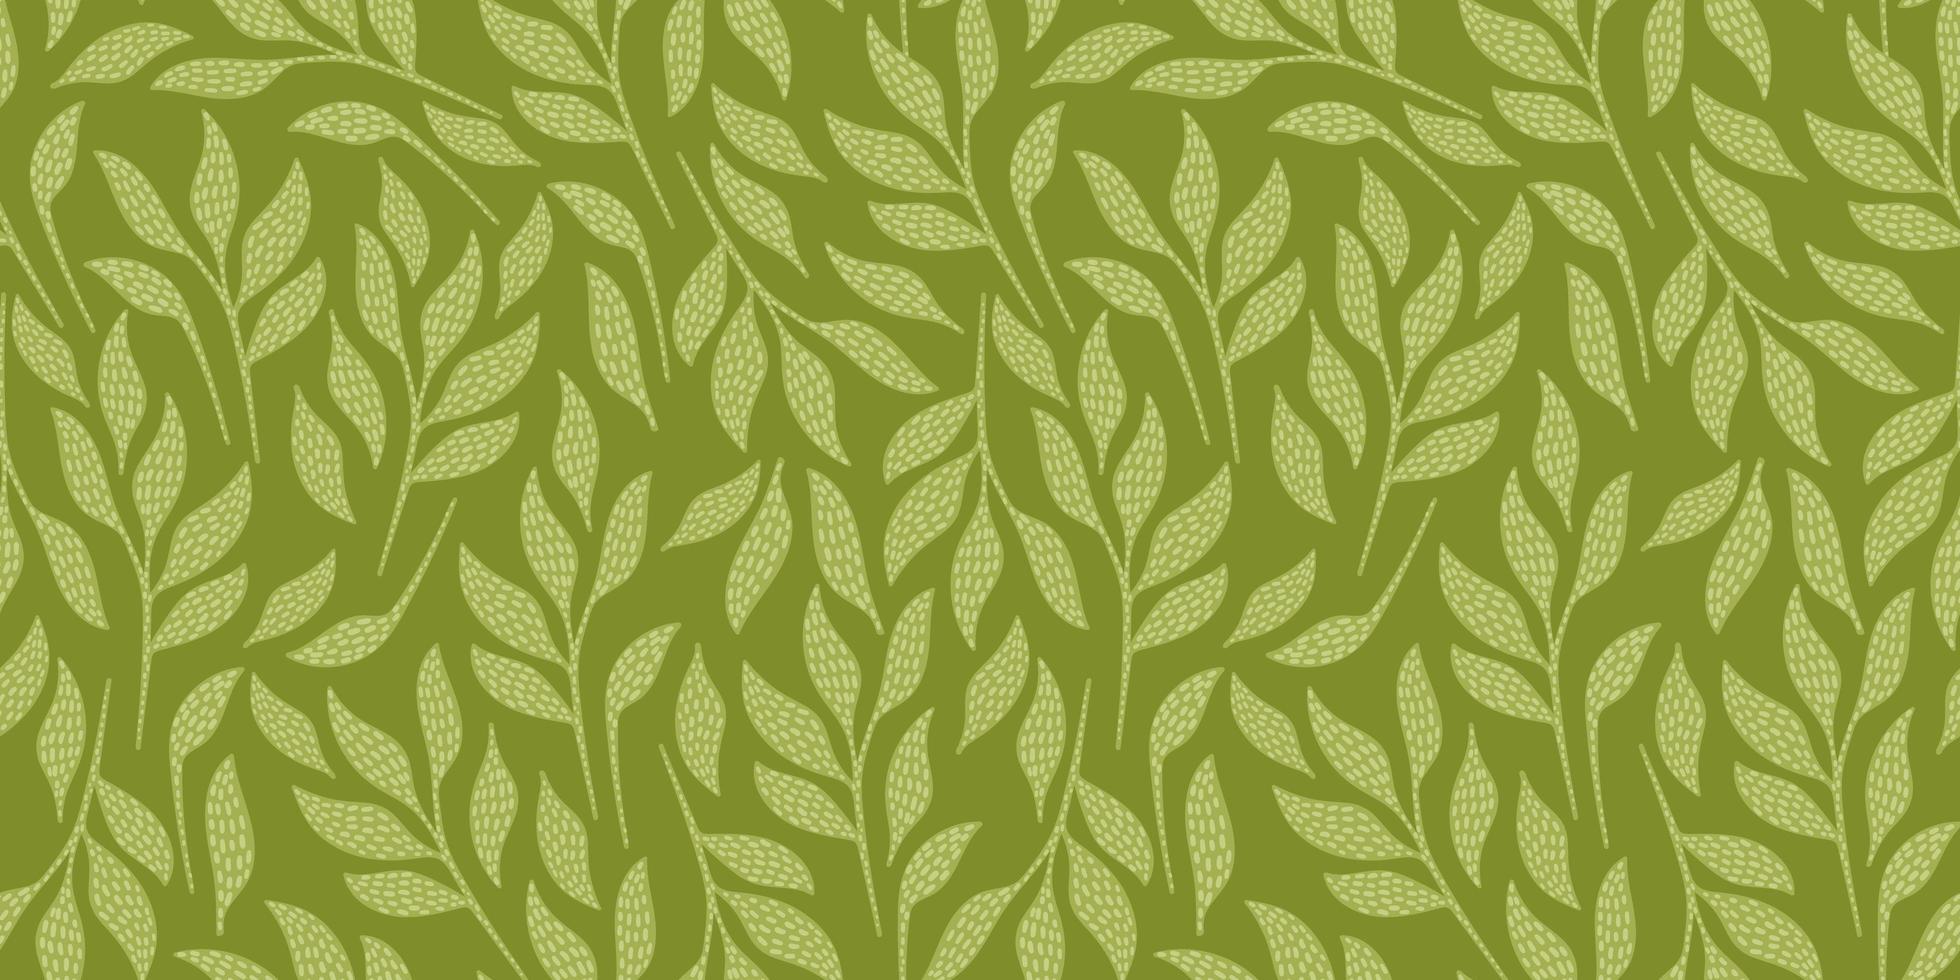 seamless artistico con foglie astratte. design moderno per carta, copertina, tessuto, arredamento e altro. vettore